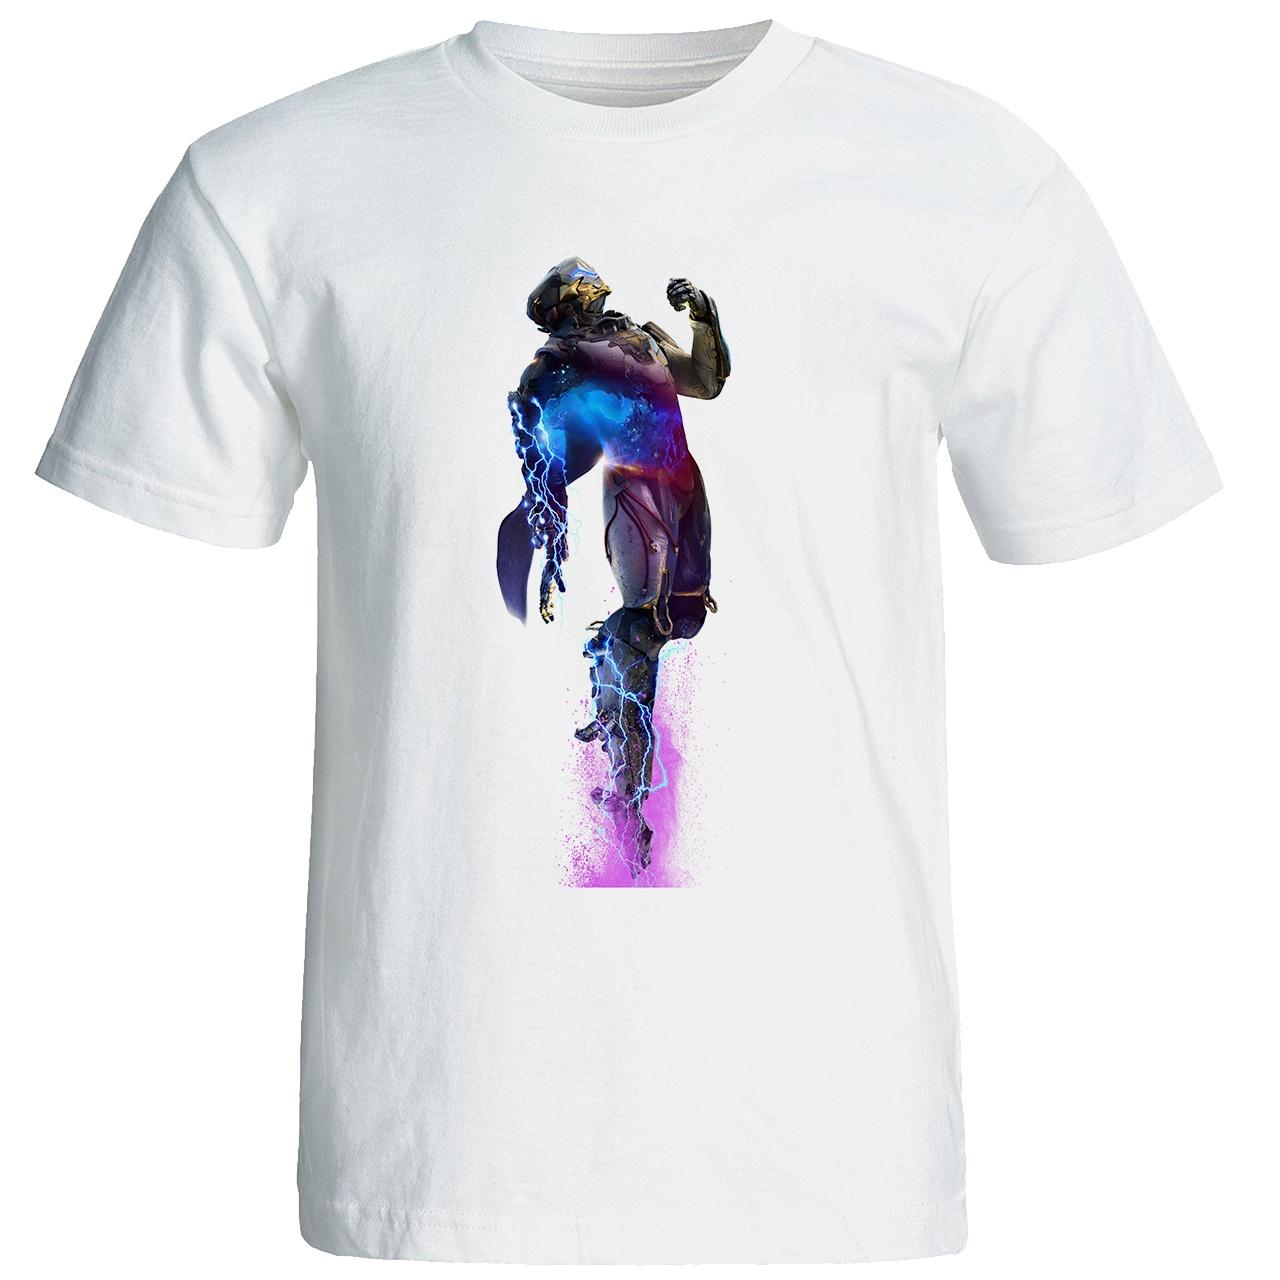 تی شرت آستین کوتاه مردانه کد 18001